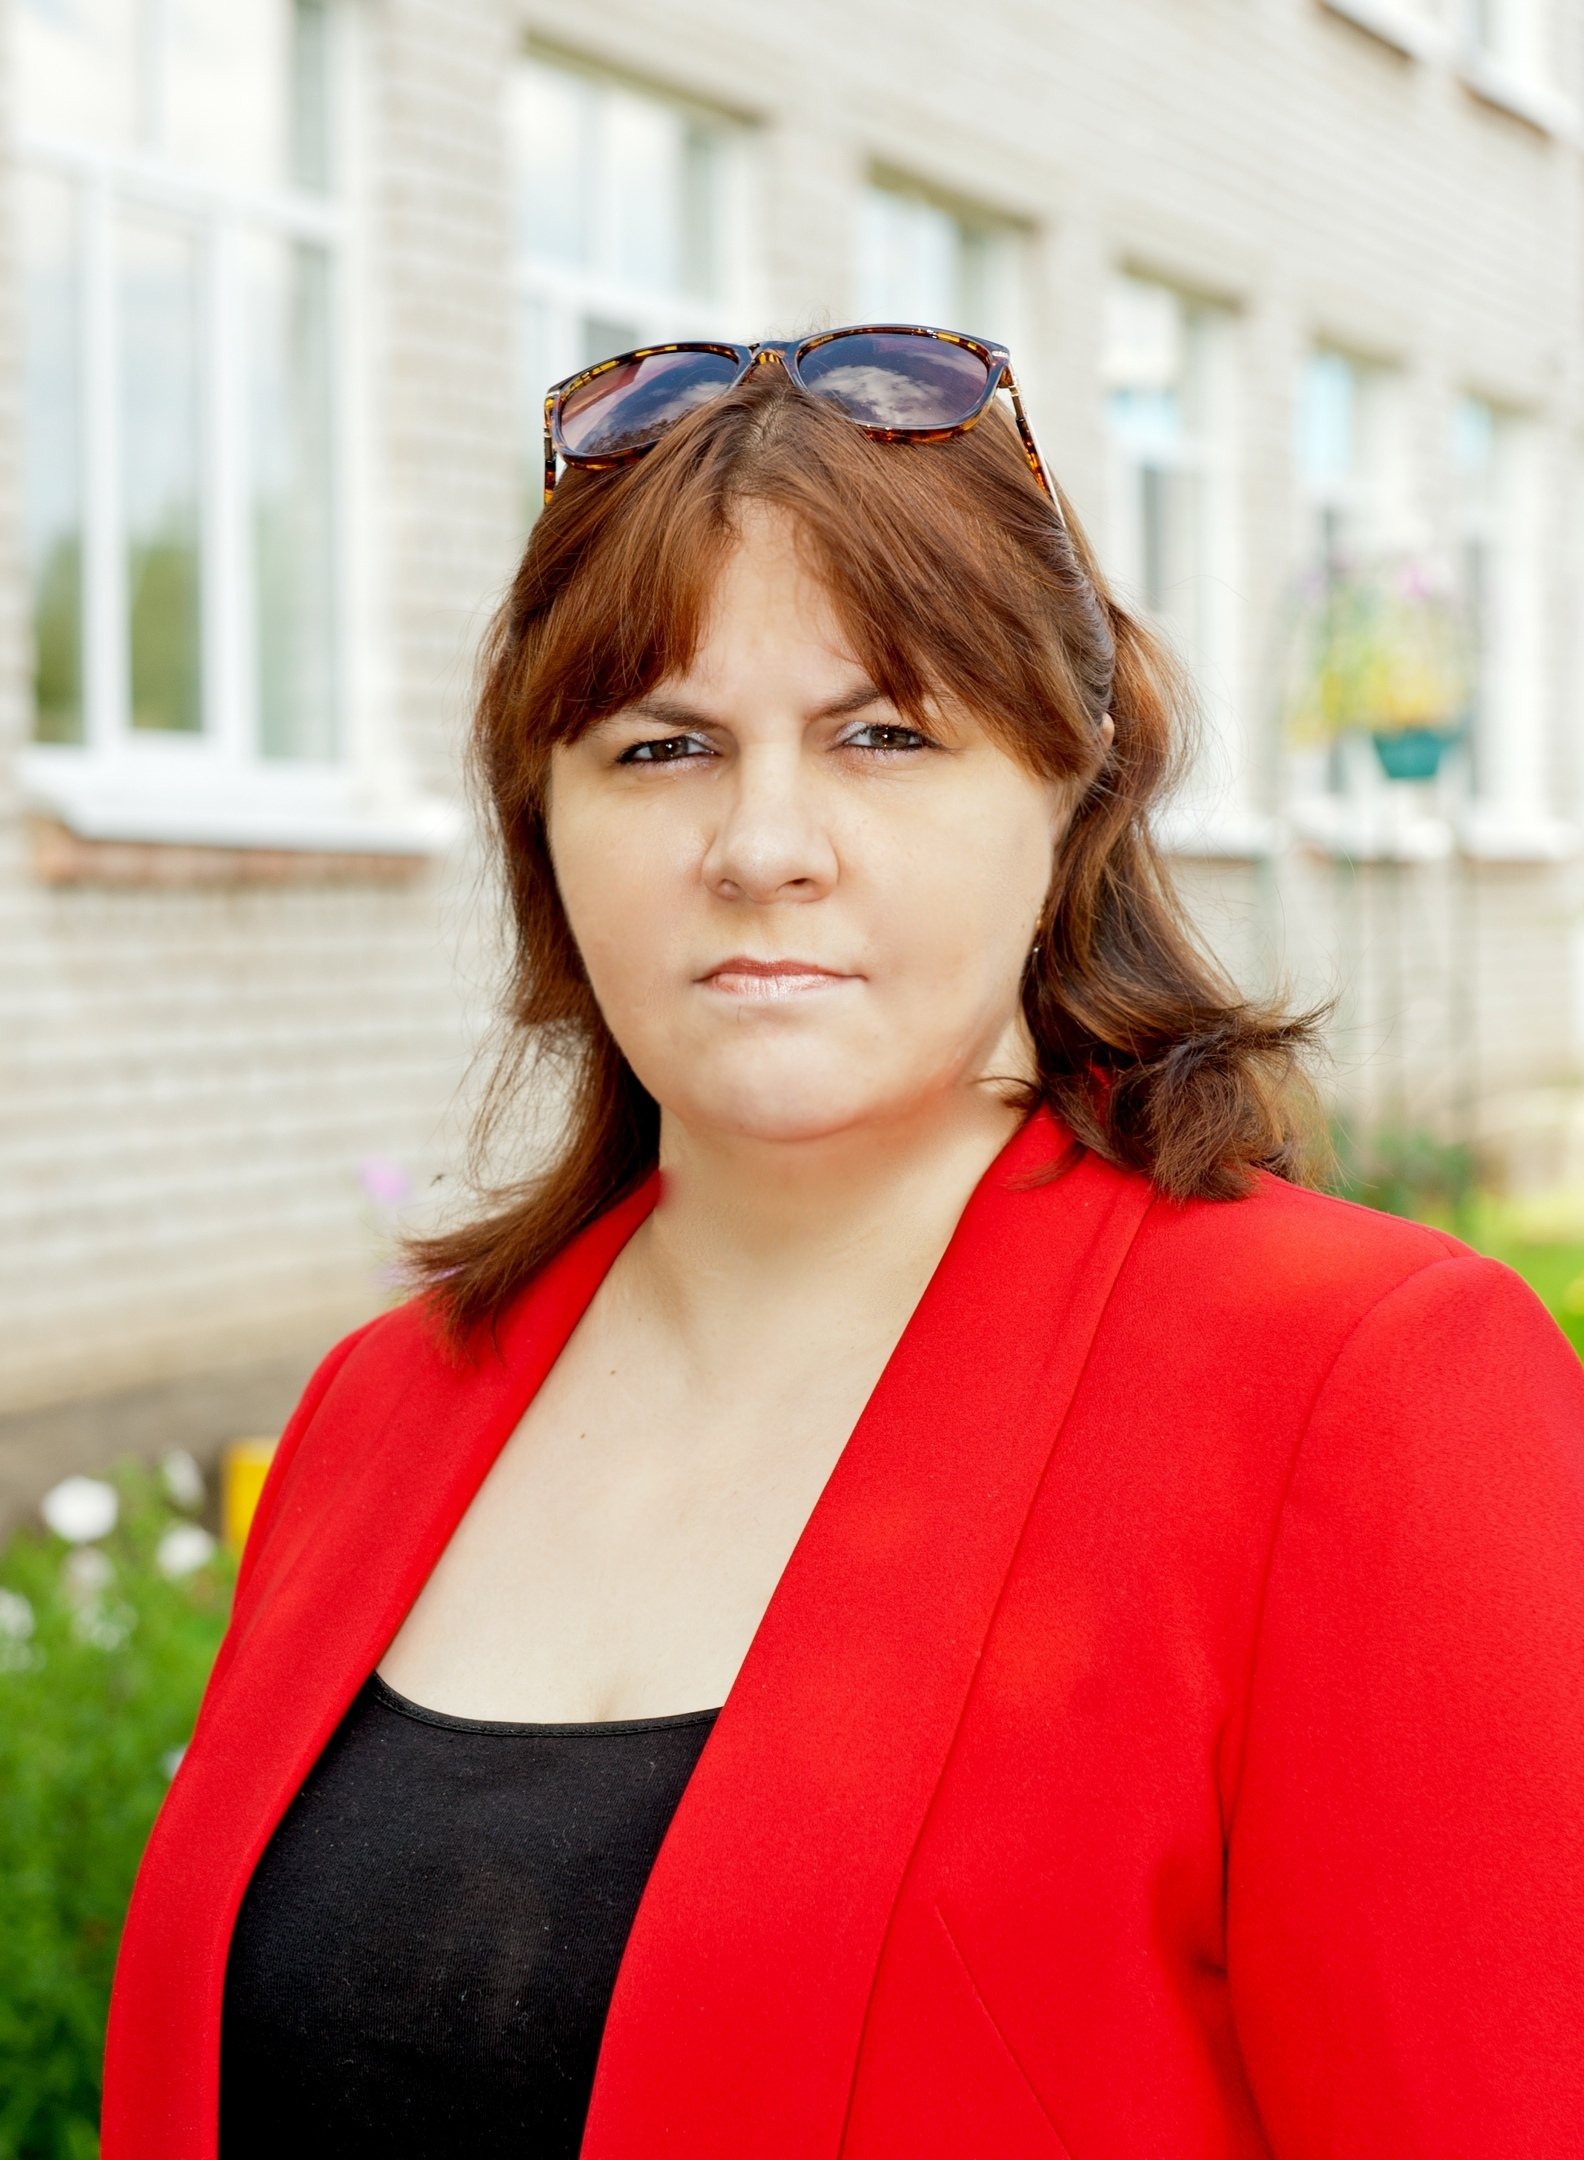 Ирина Дибкова: До введения обязательного масочного режима многие достаточно пренебрежительно относились к соблюдению элементарной безопасности